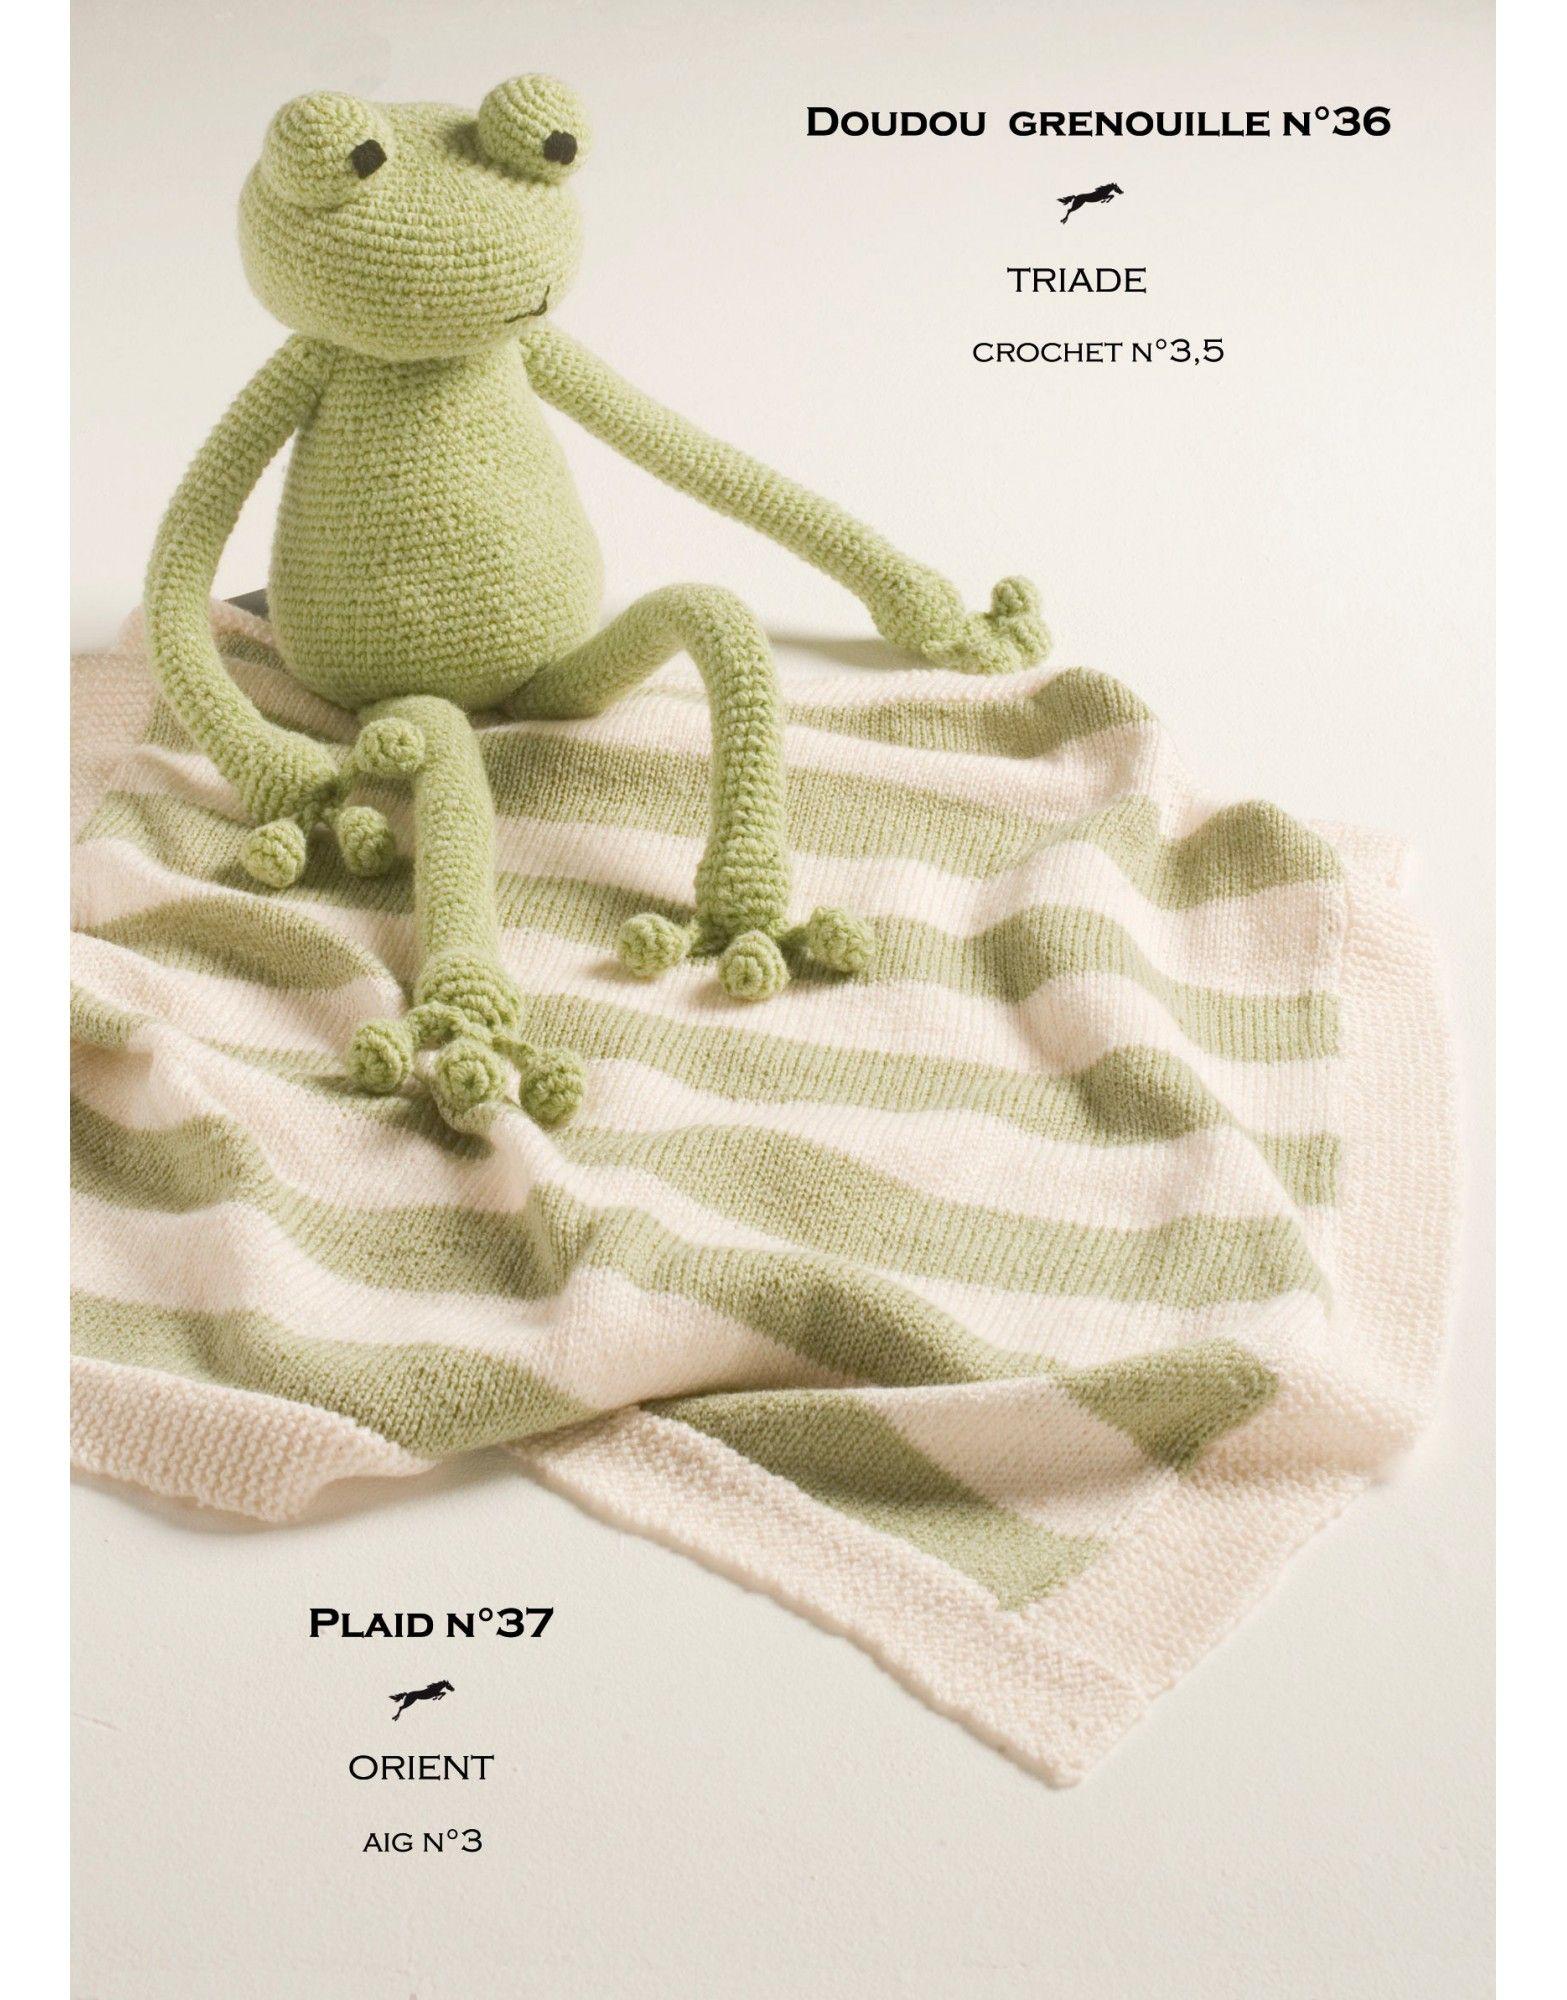 modele-doudou-grenouille-cb14-36-patron-tricot-gratuit.jpg (1567 ...